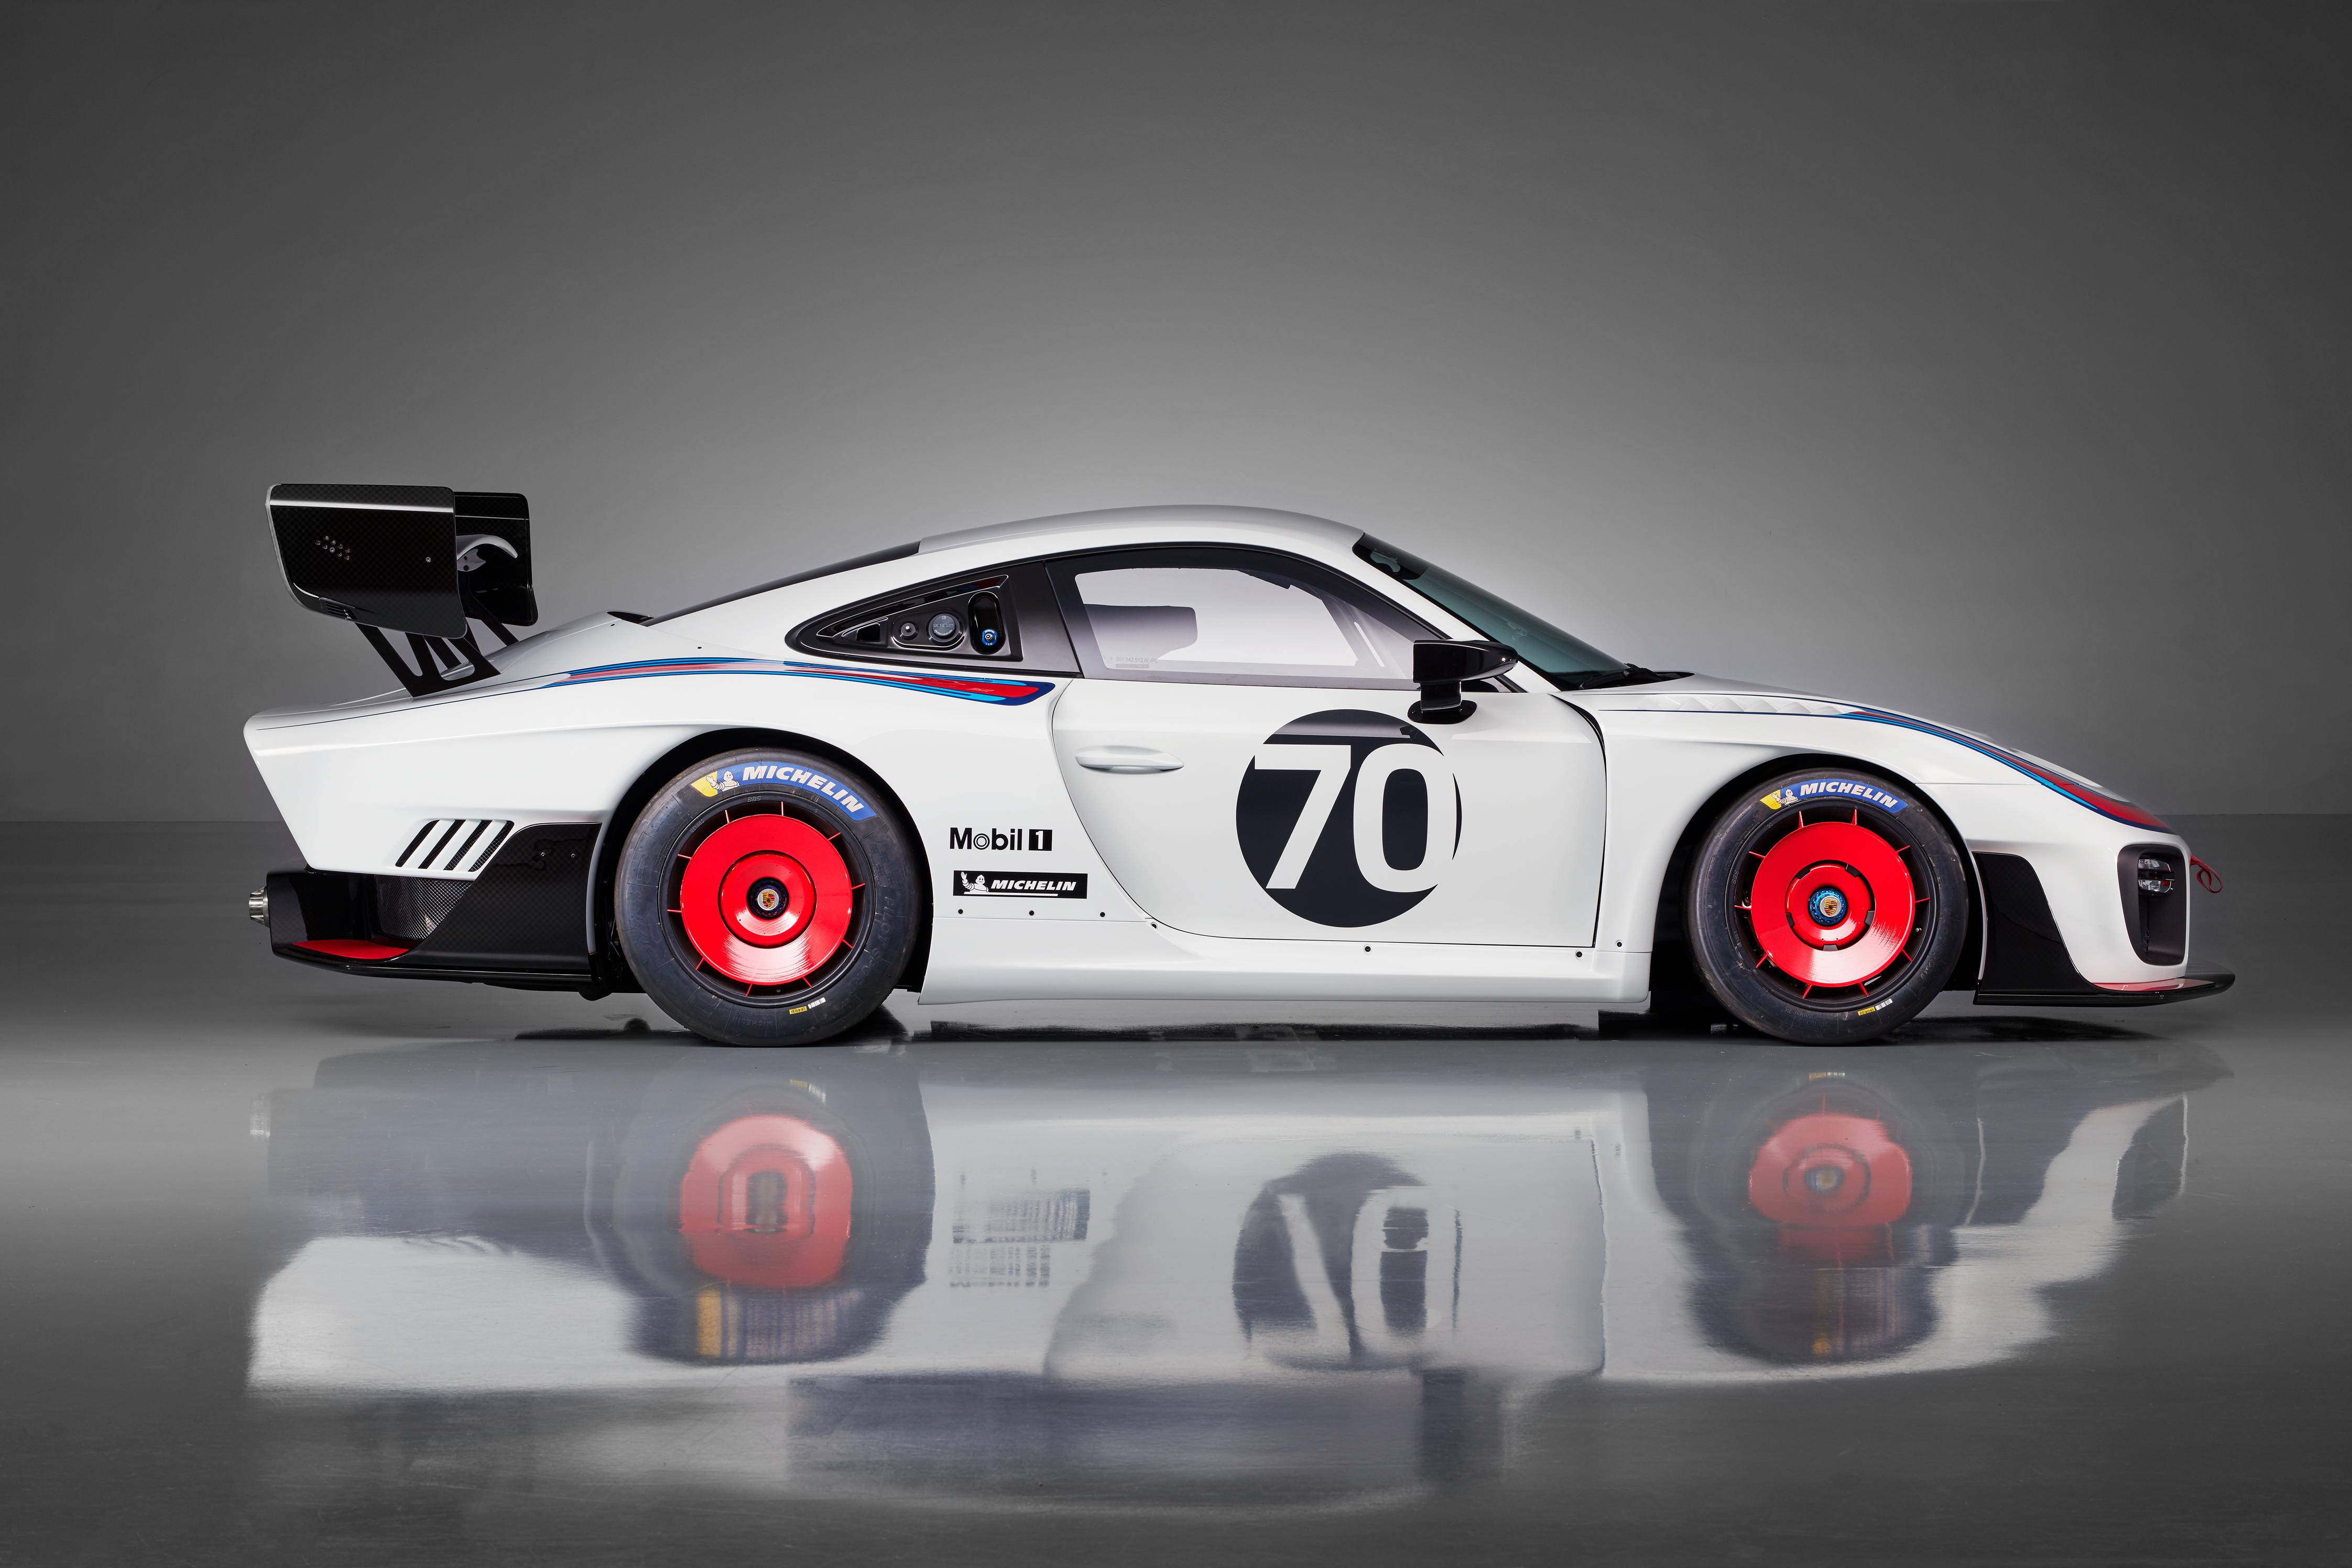 Exclusieve nieuwe uitvoering van de Porsche 935